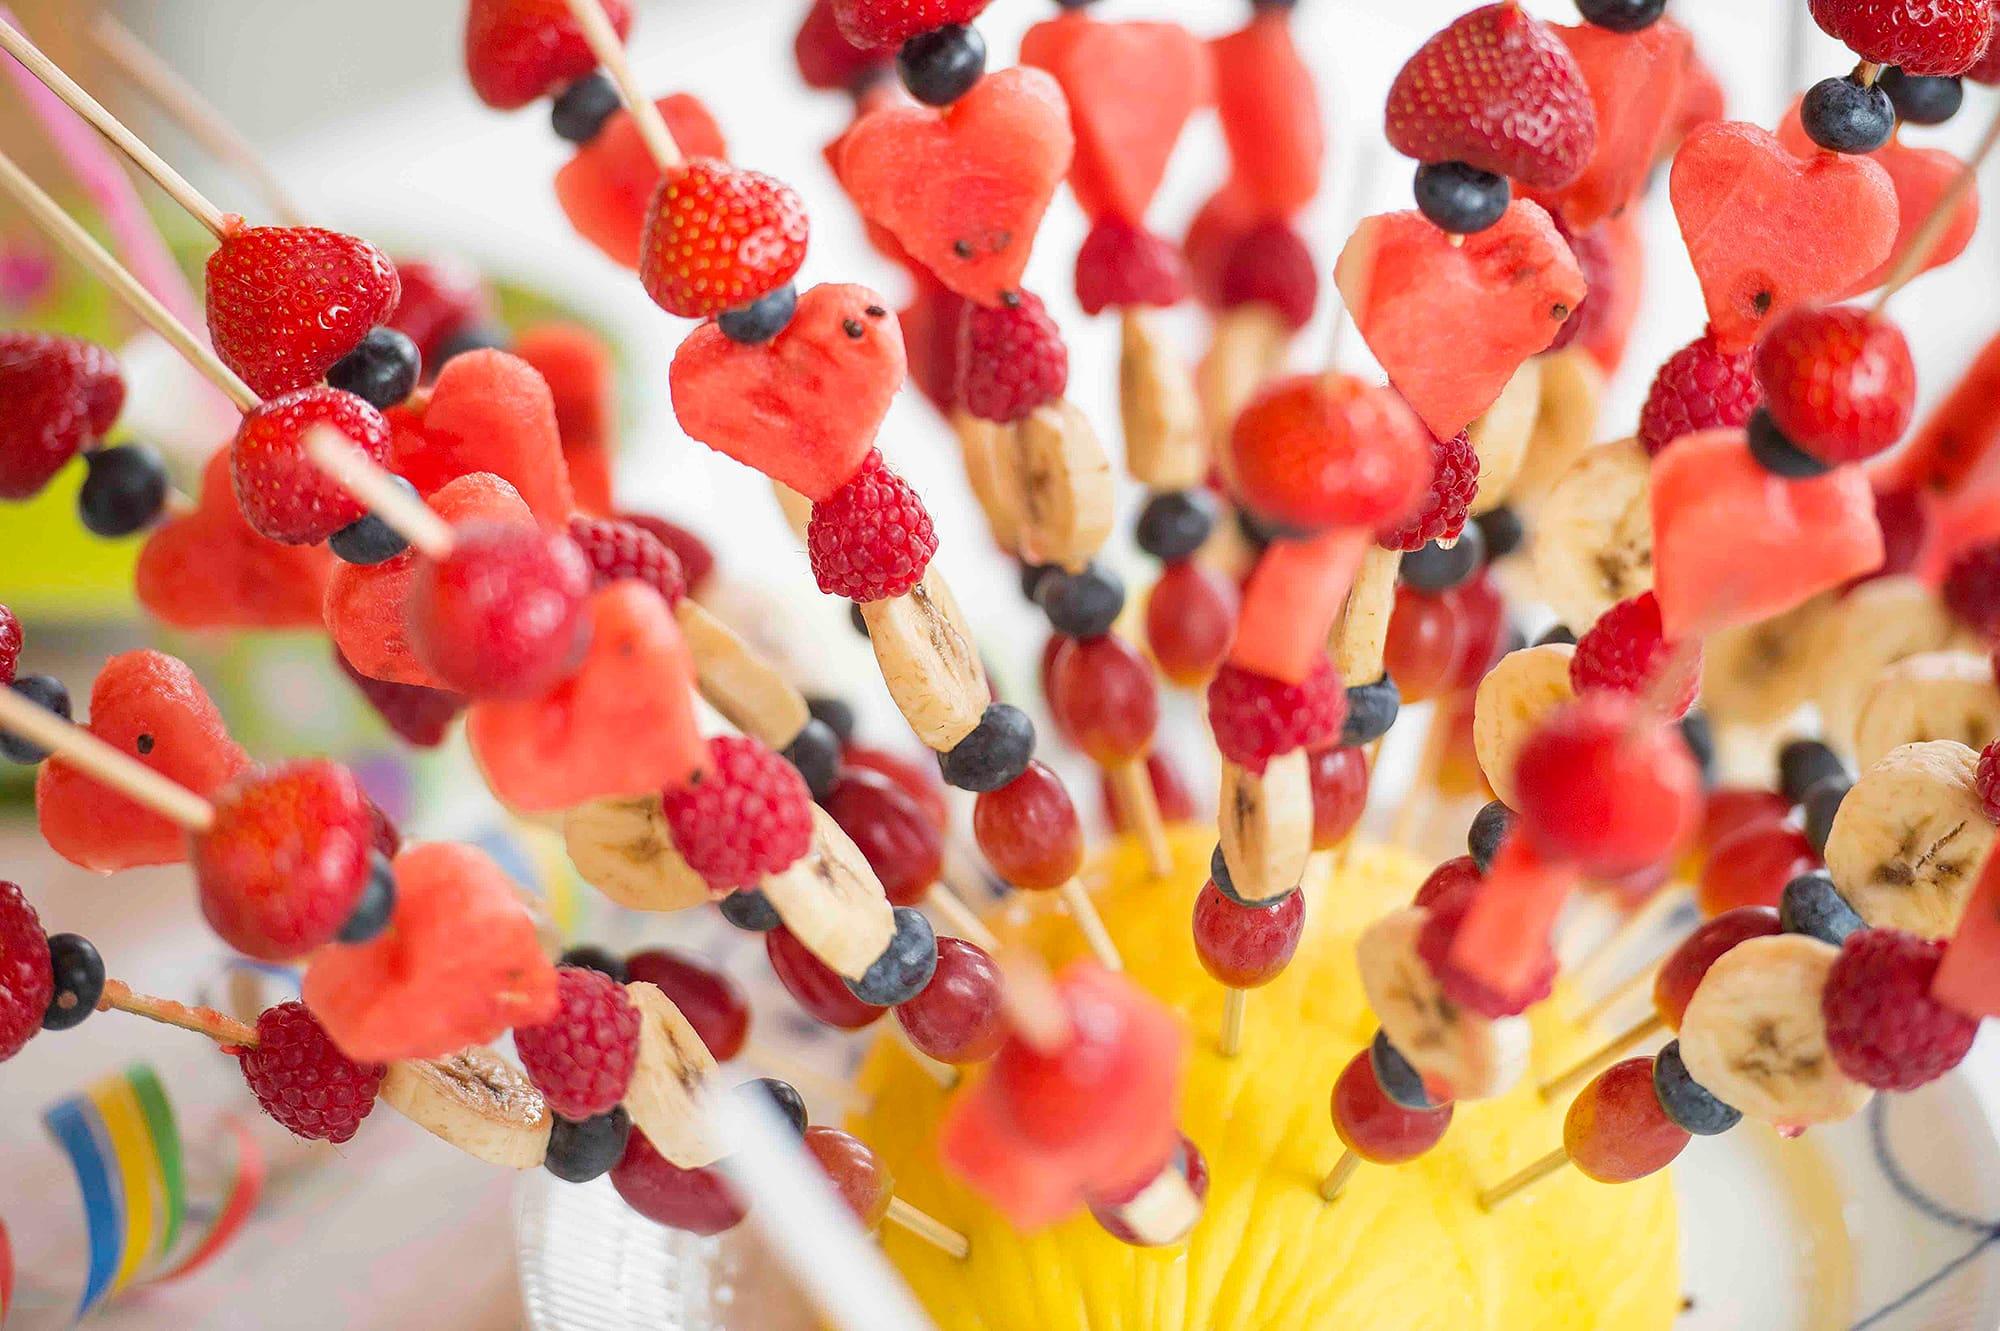 Hvem kan si nei takk til dette? En enklere versjon er å lage en egen skål med frukt til hver person.